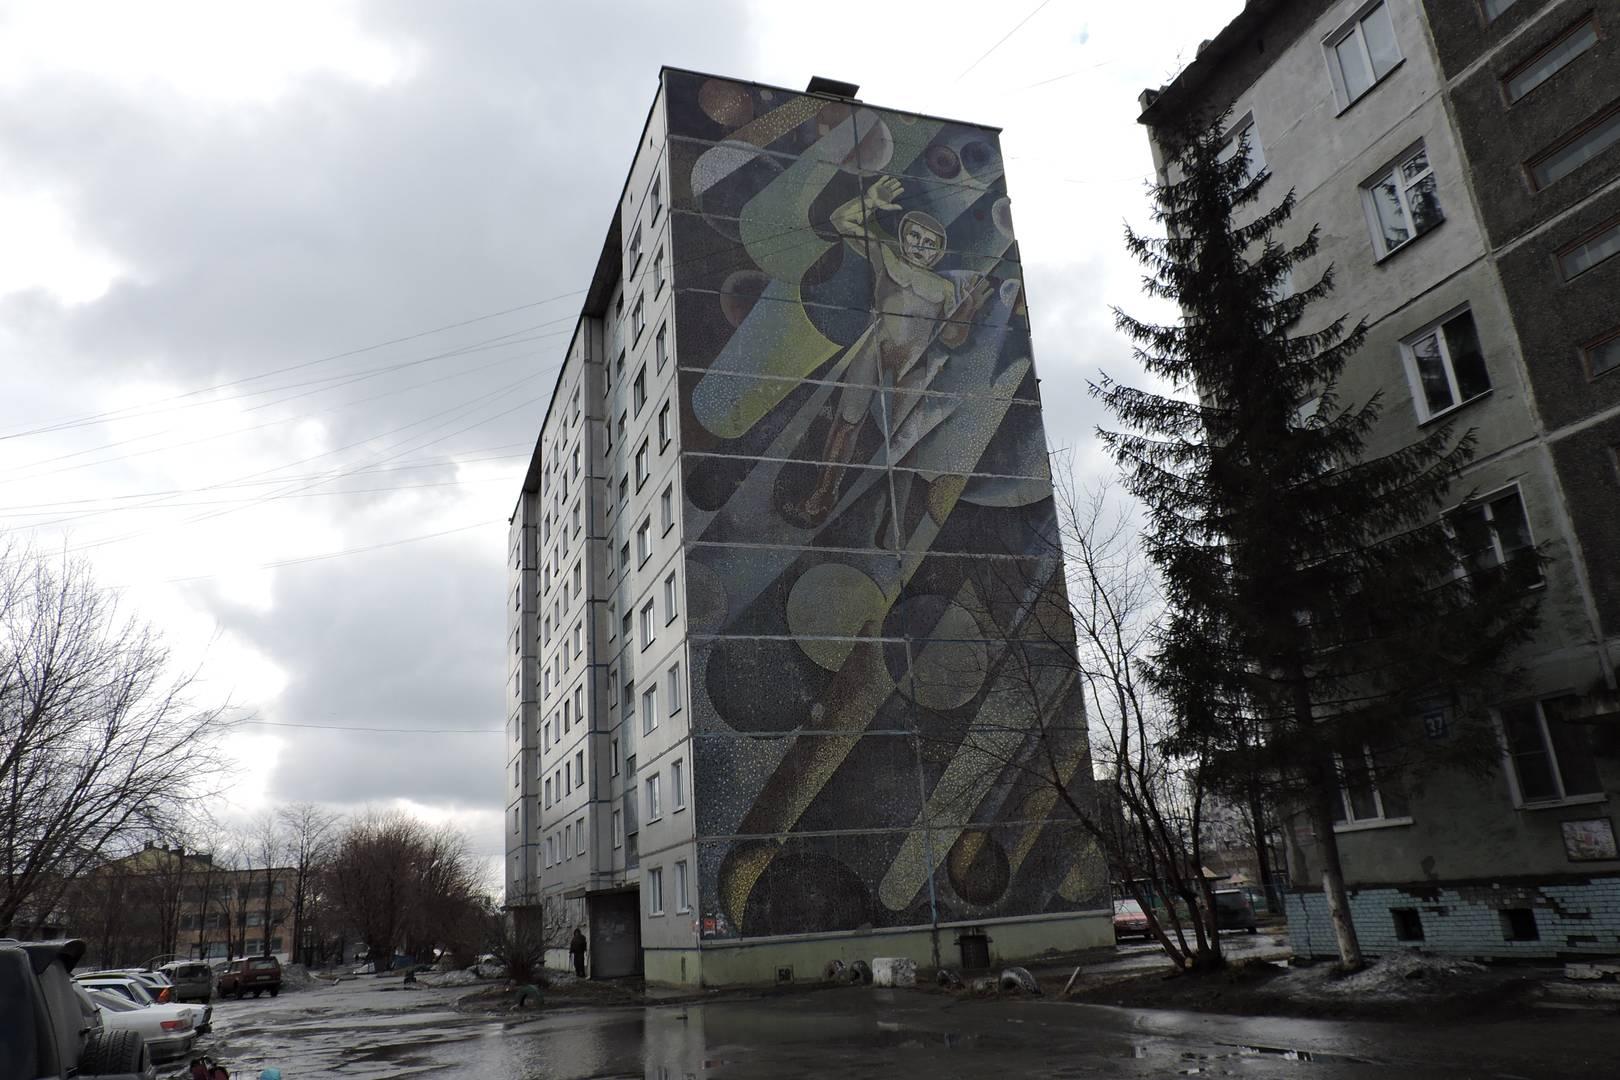 «Космонавт», мозаика на жилом девятиэтажном доме, р.п. Линево, Новосибирская область